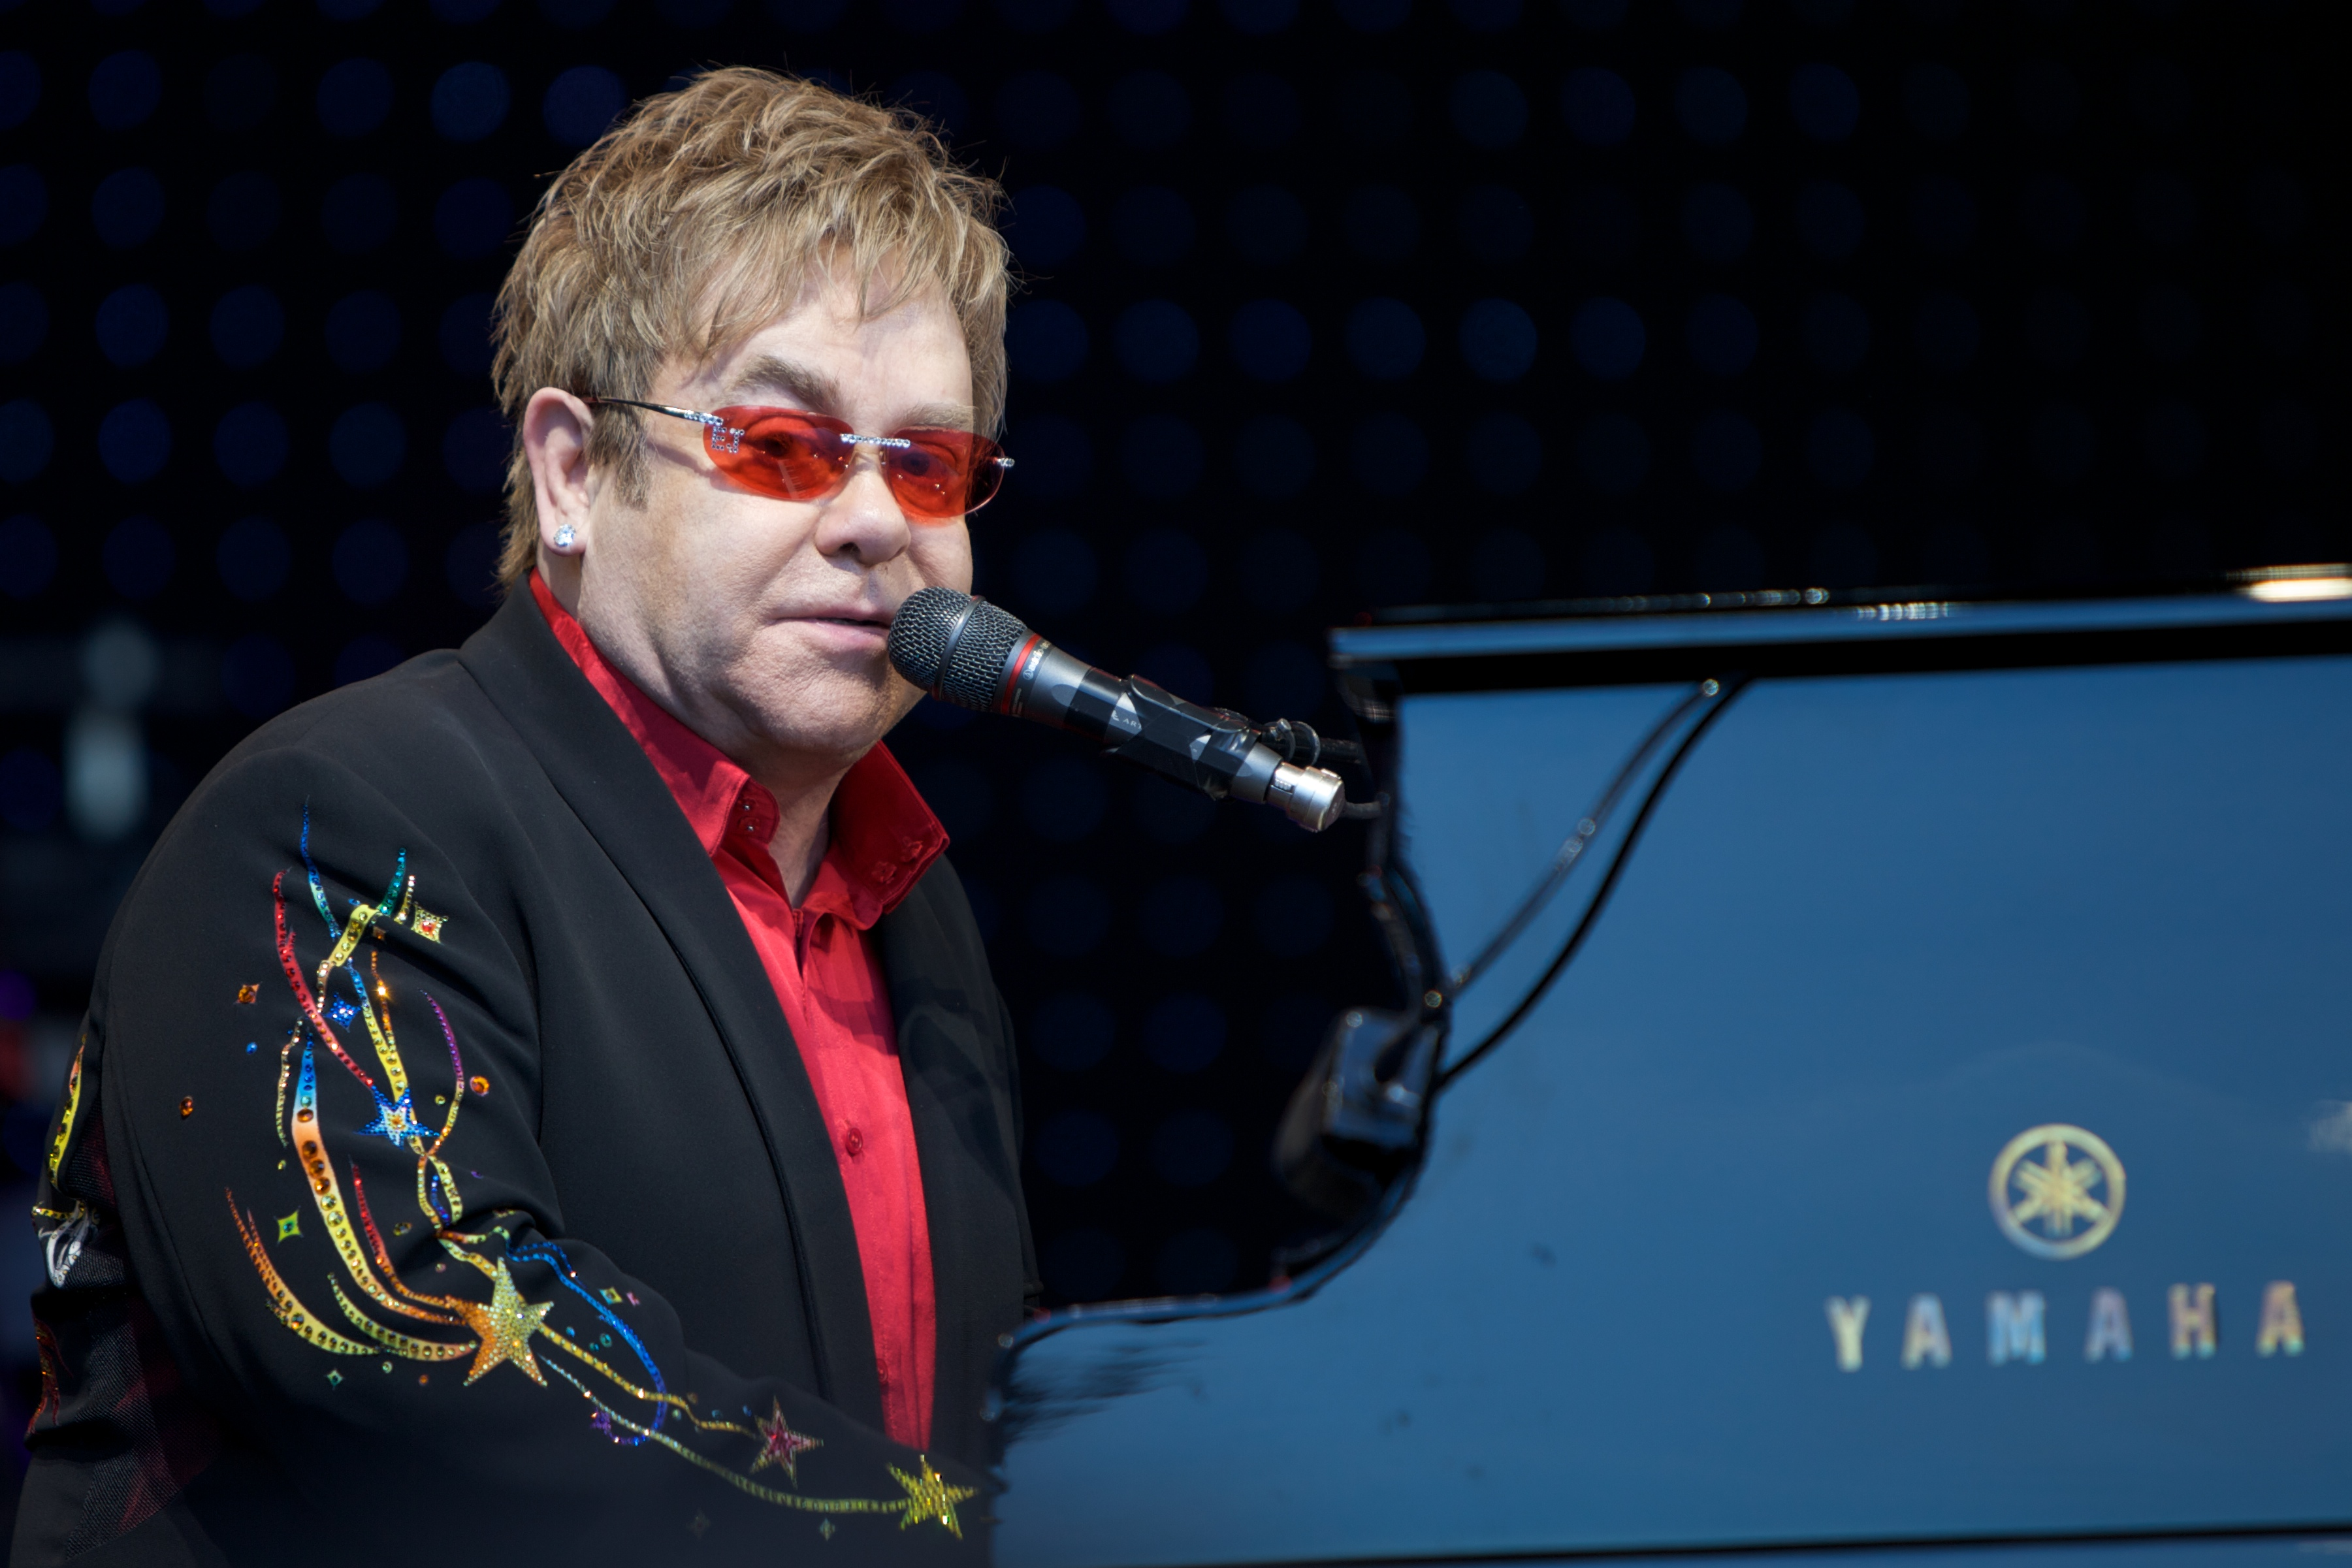 Elton John in Norway 11